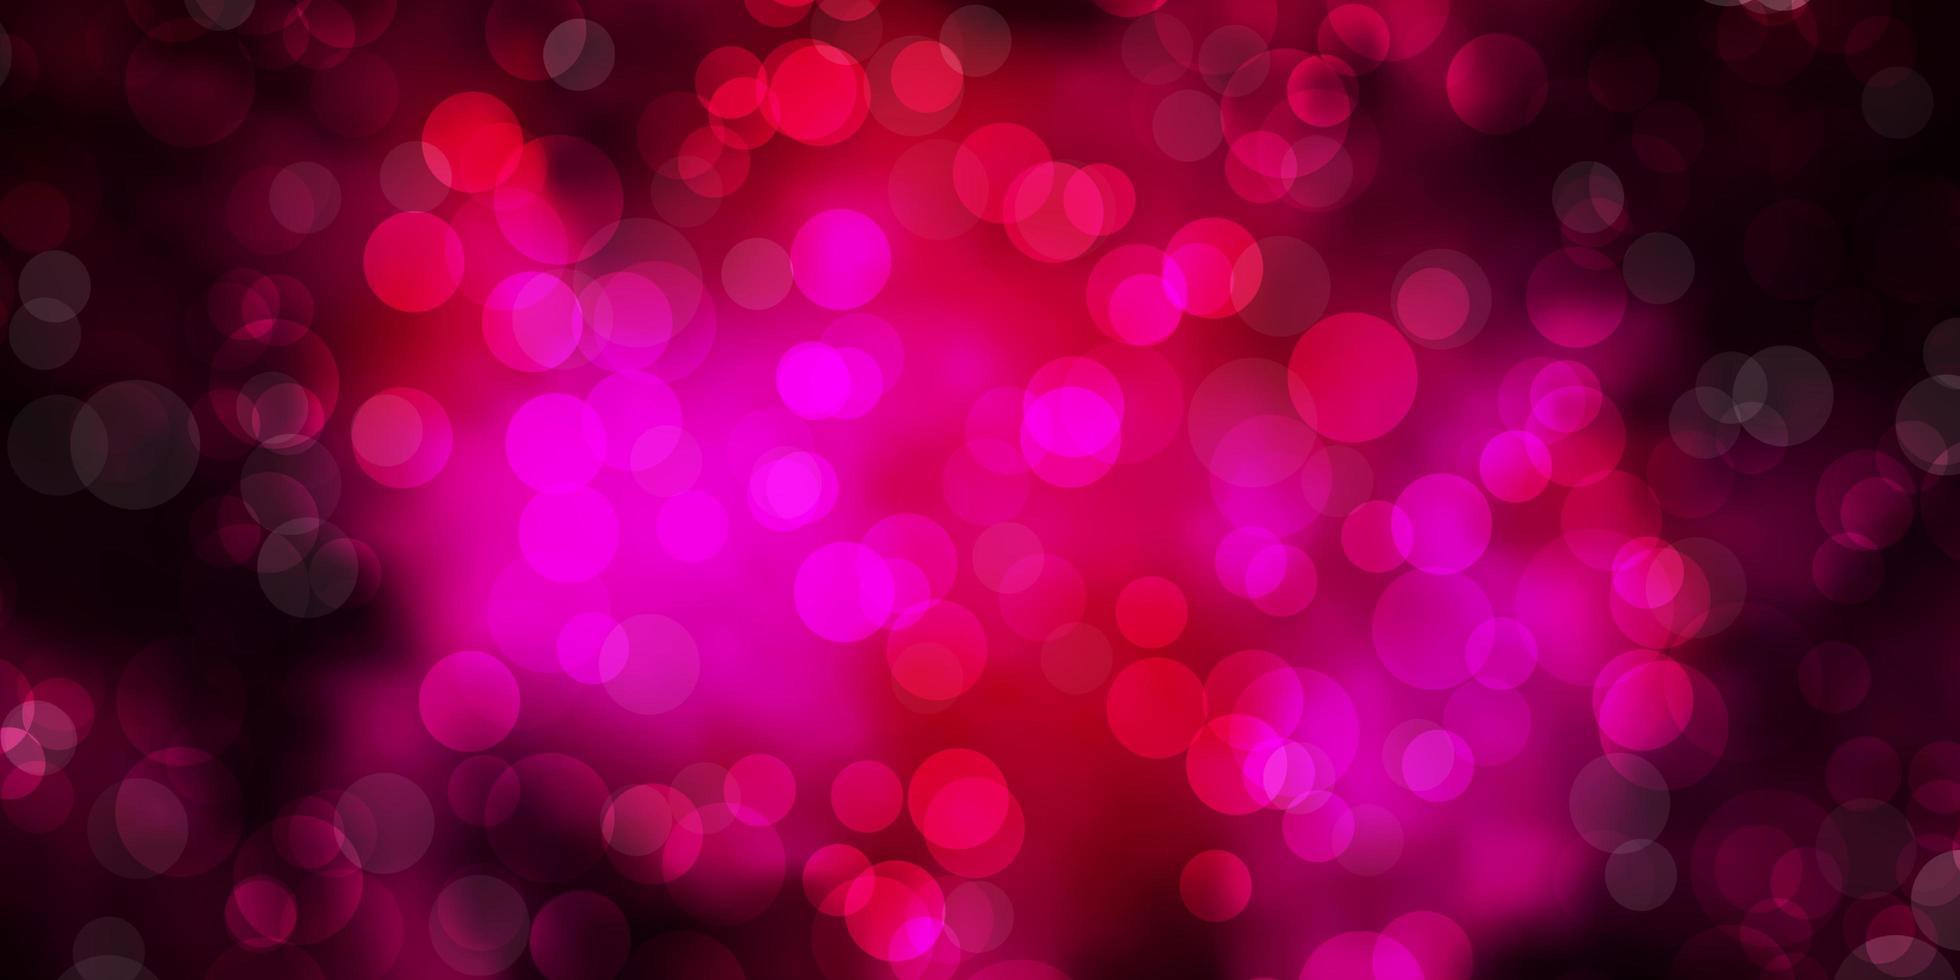 Telón de fondo de vector rosa oscuro con puntos.